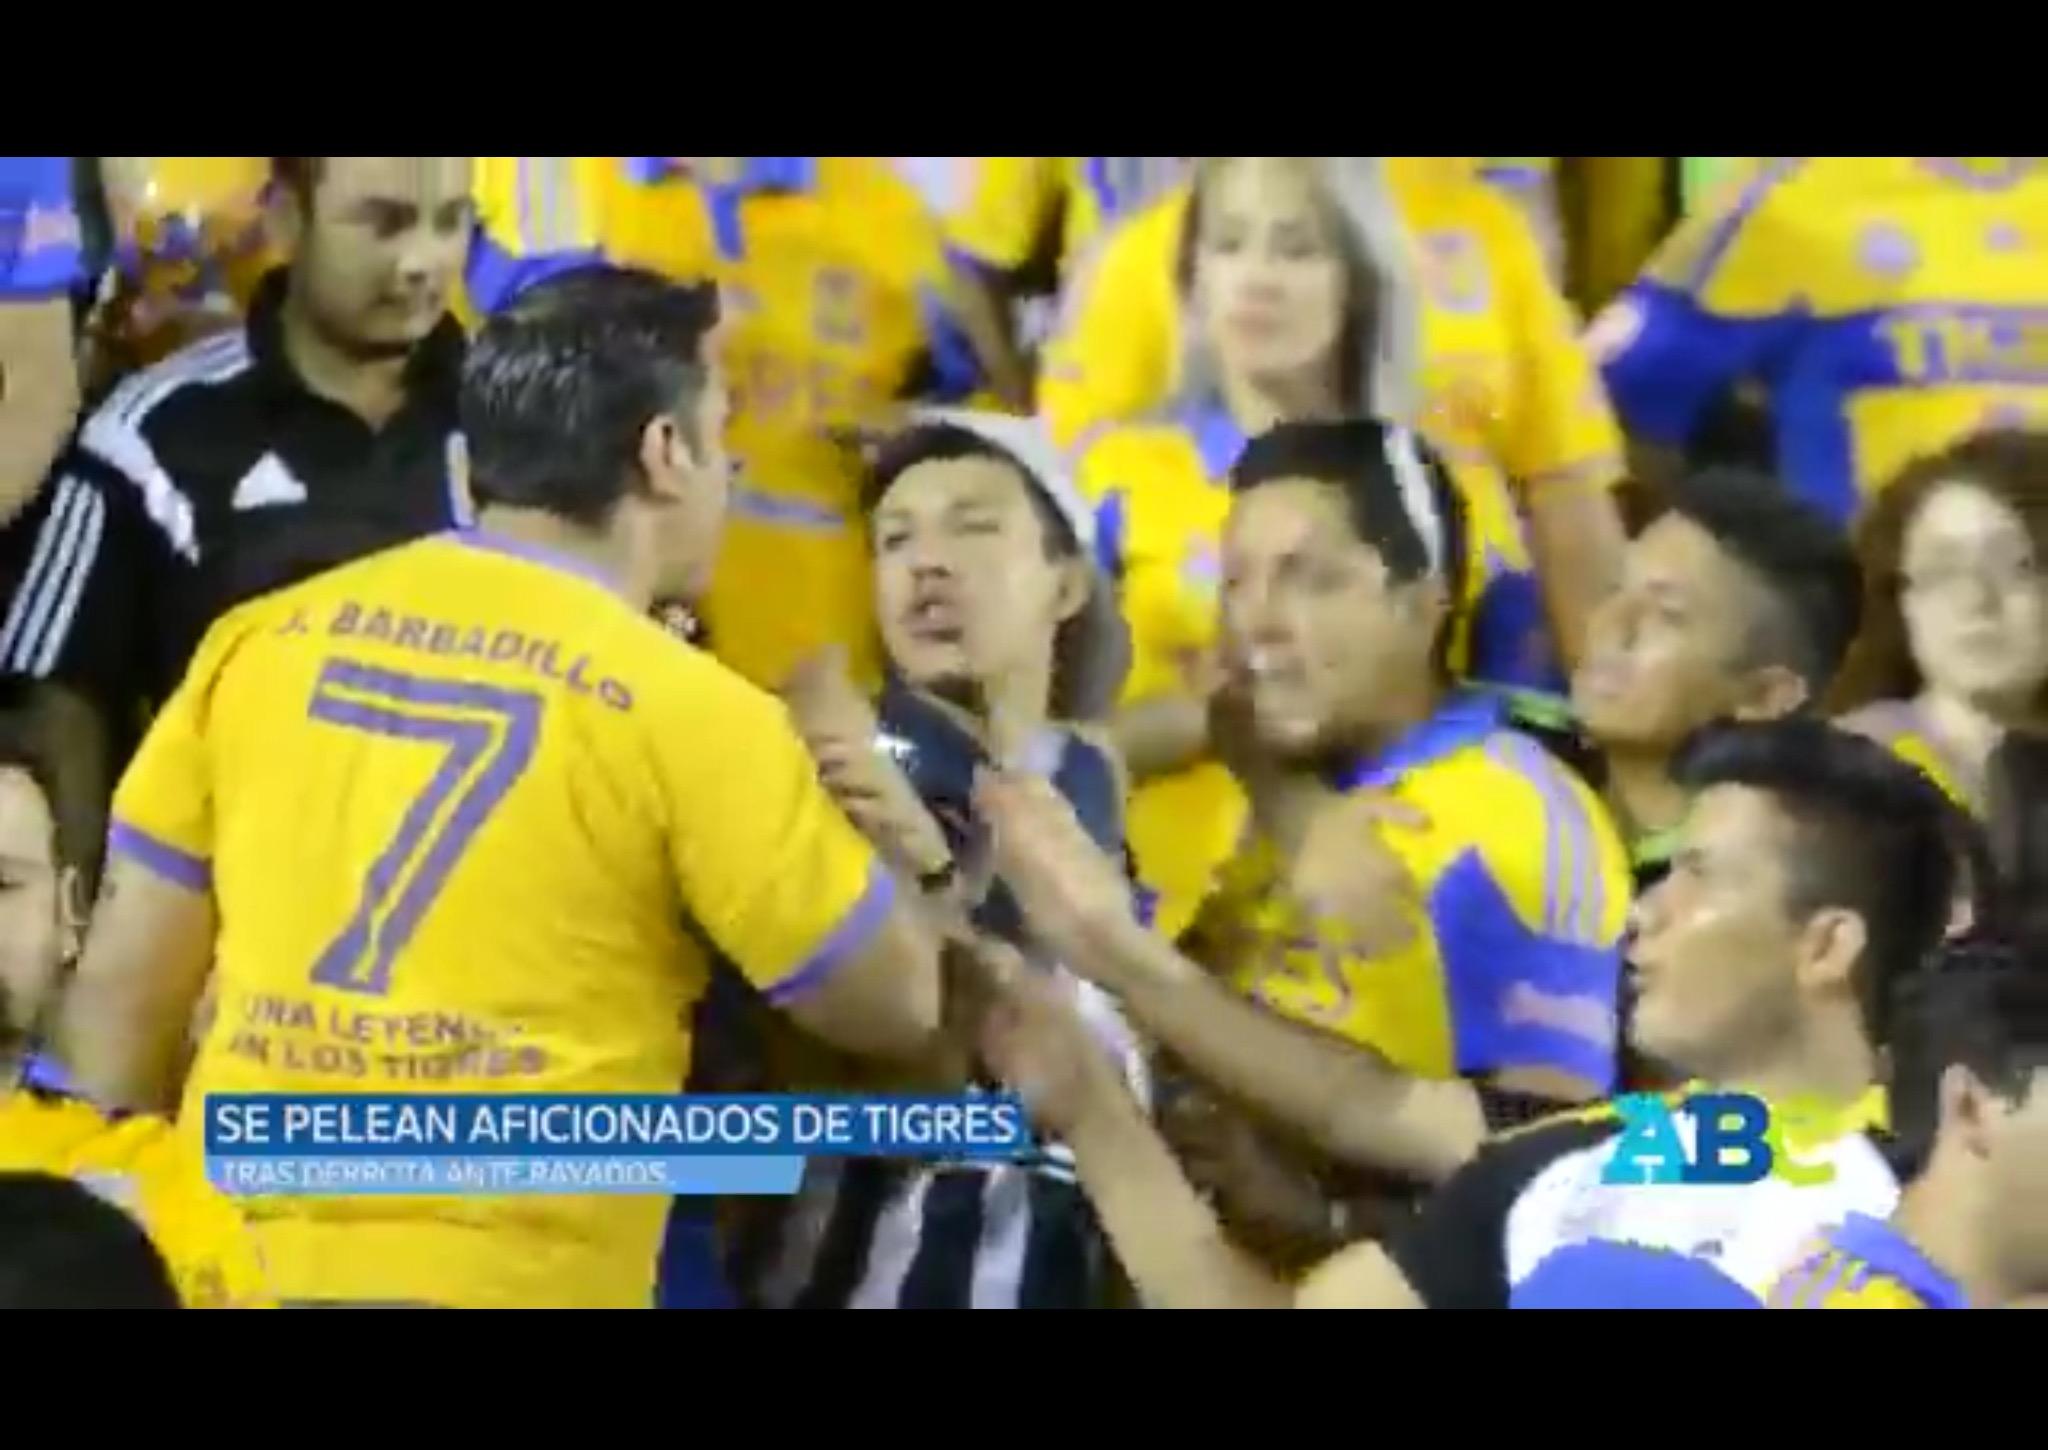 VIDEO: Aficionados de Tigres se pelean entre ellos mismos